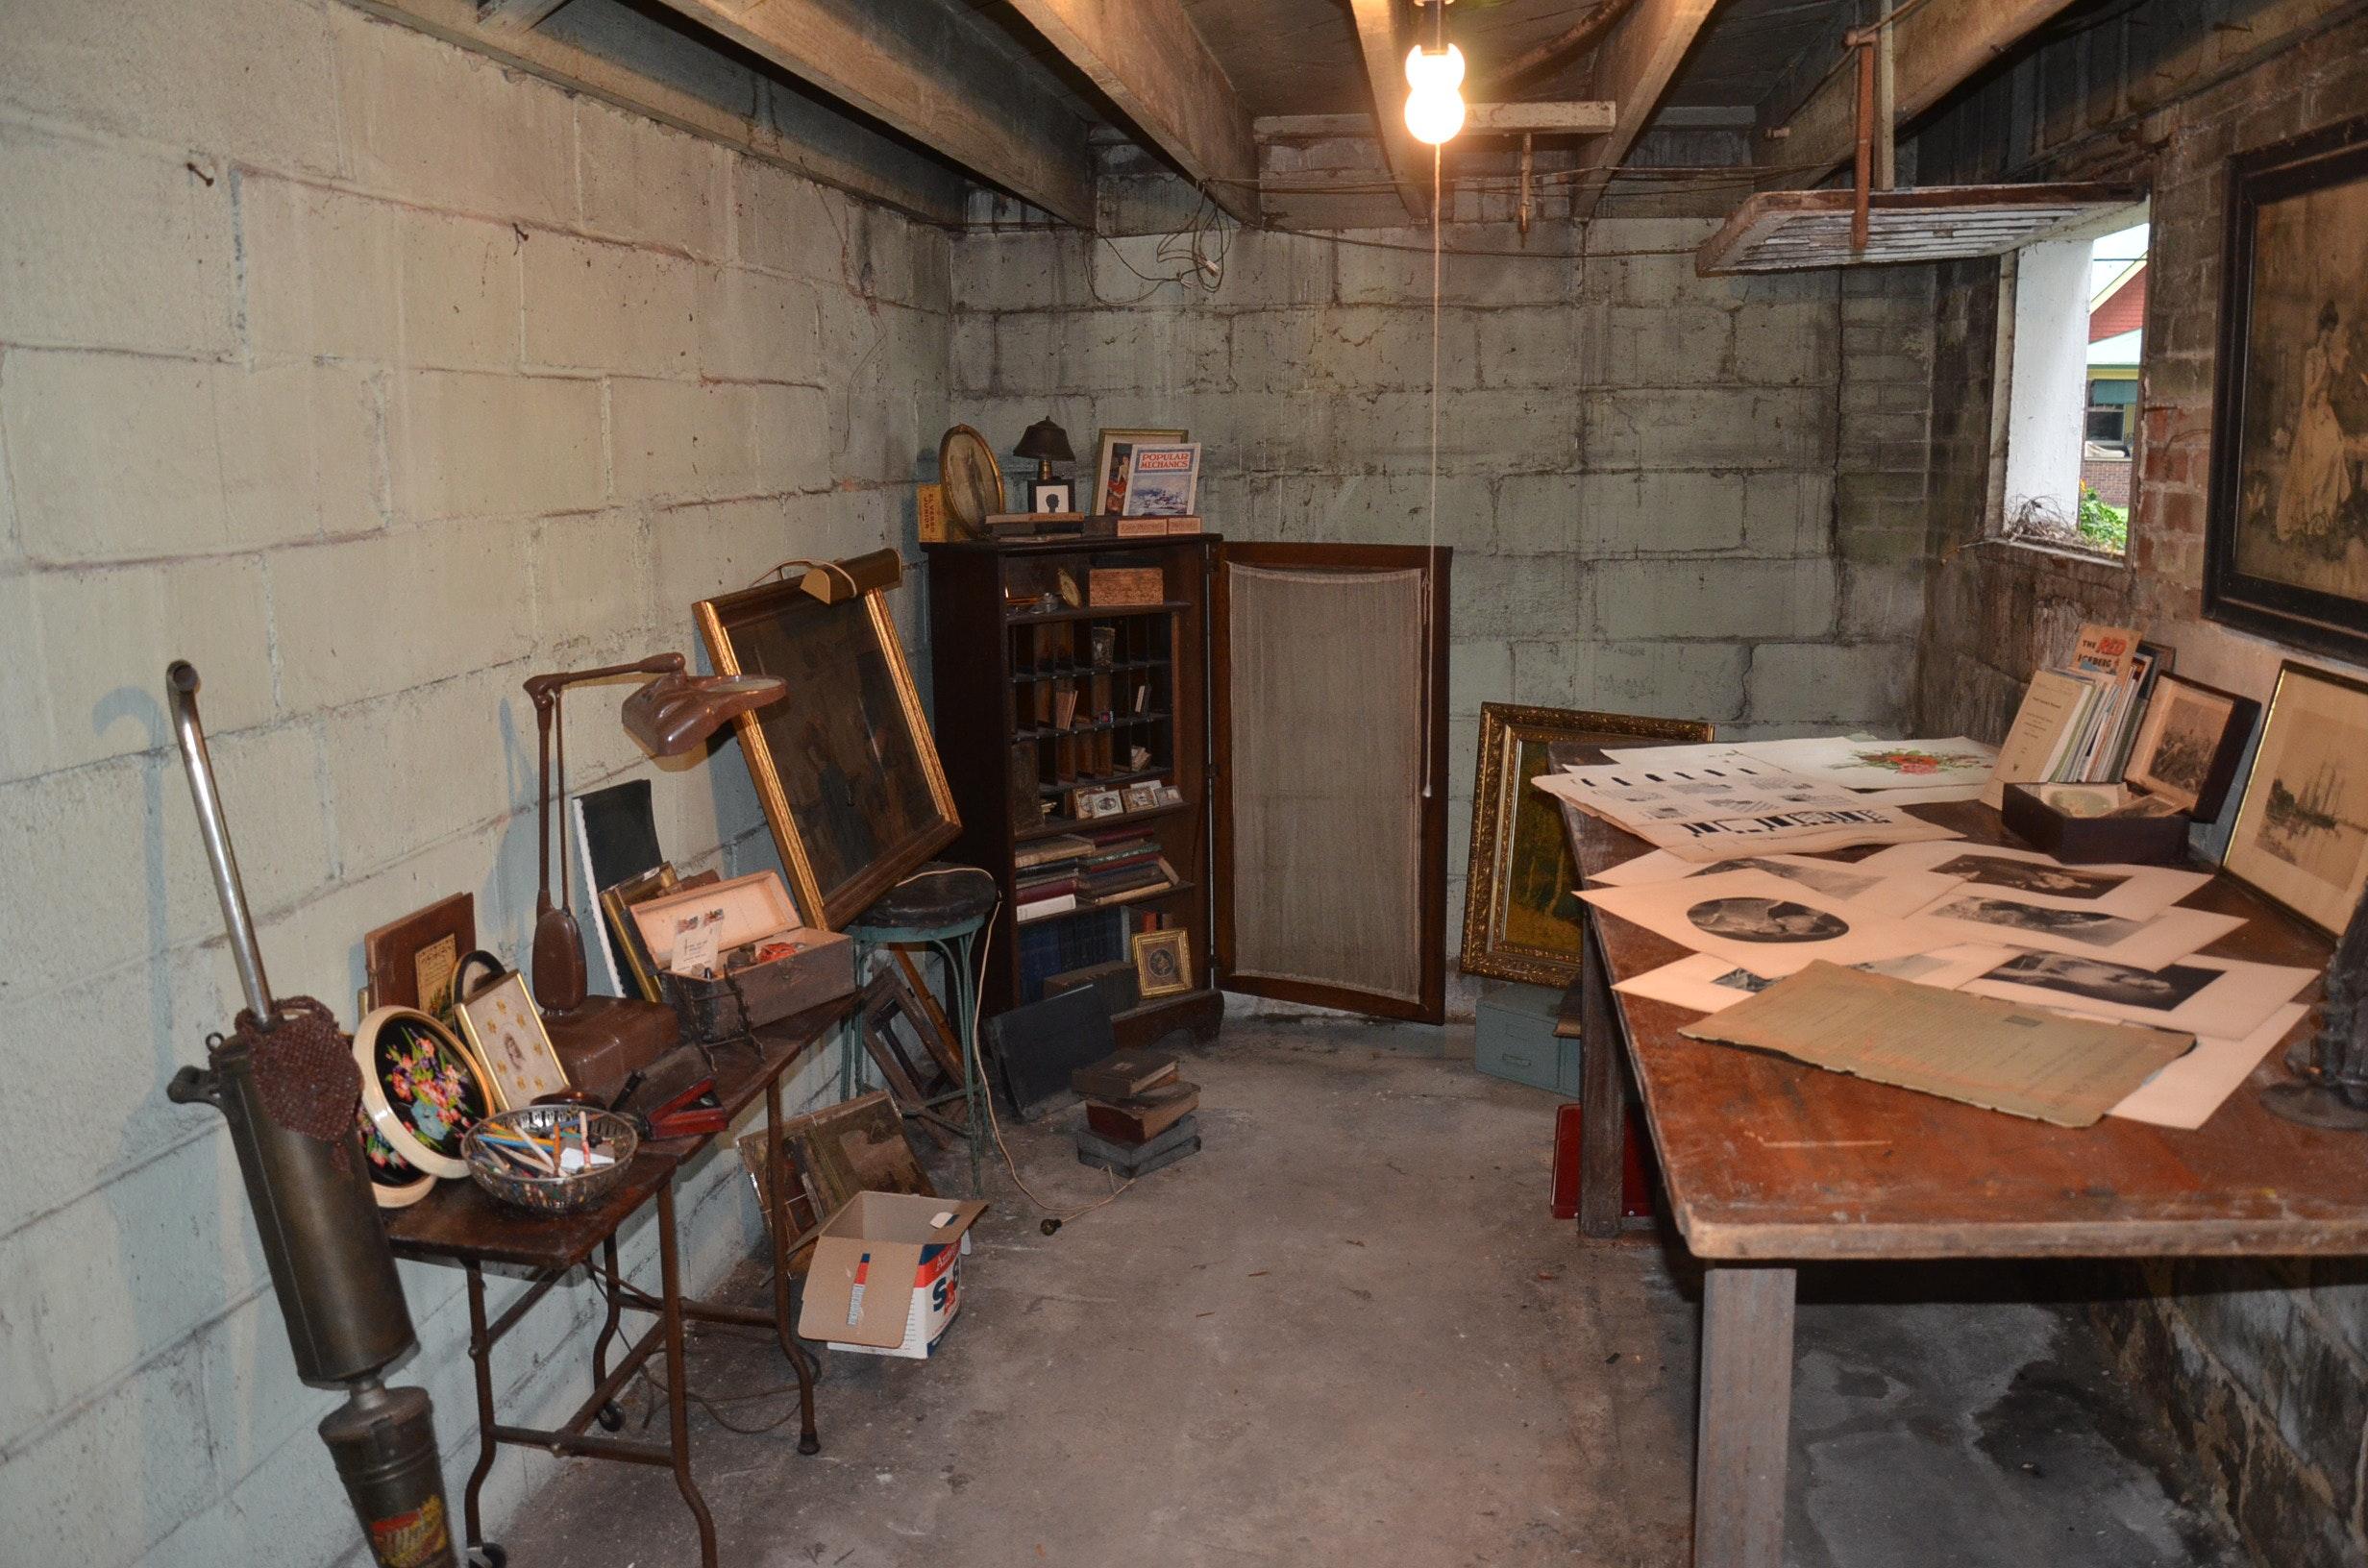 Basement Discovery Area No. 2 : EBTH